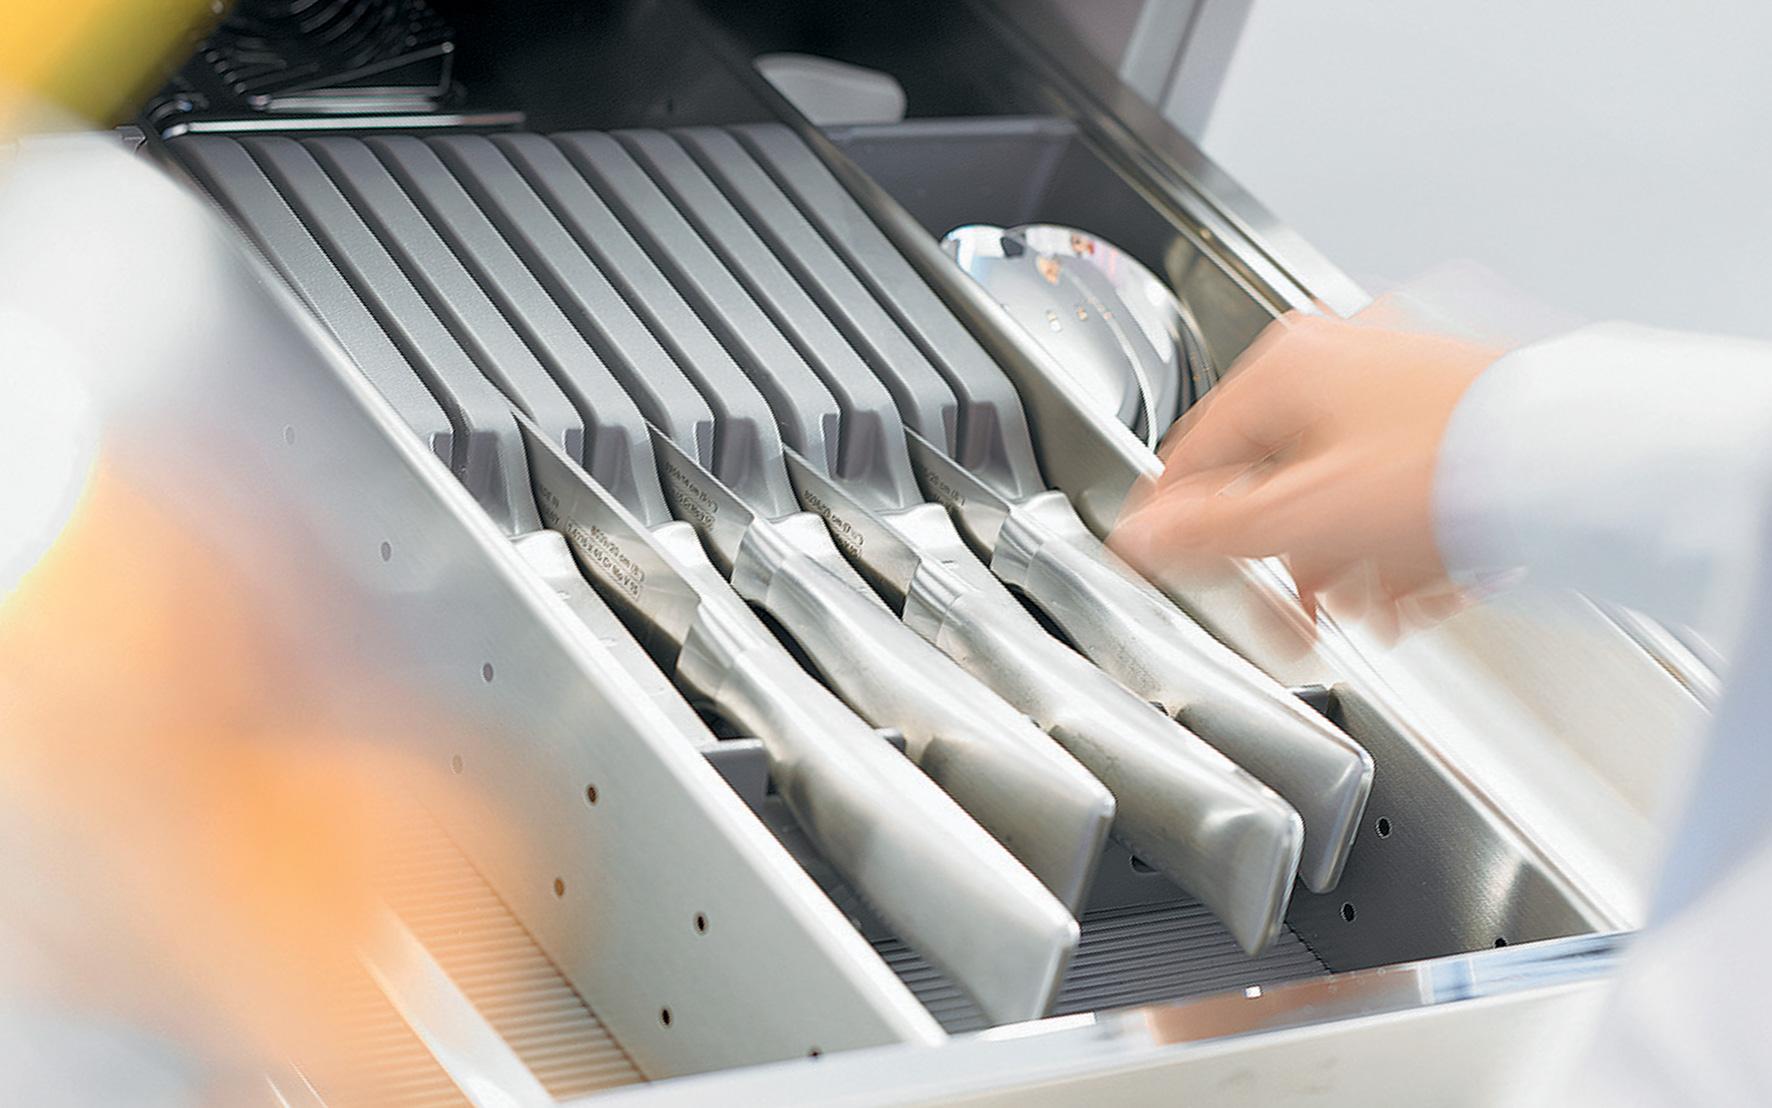 OrgaNiced Lade-indelingen Messenblok